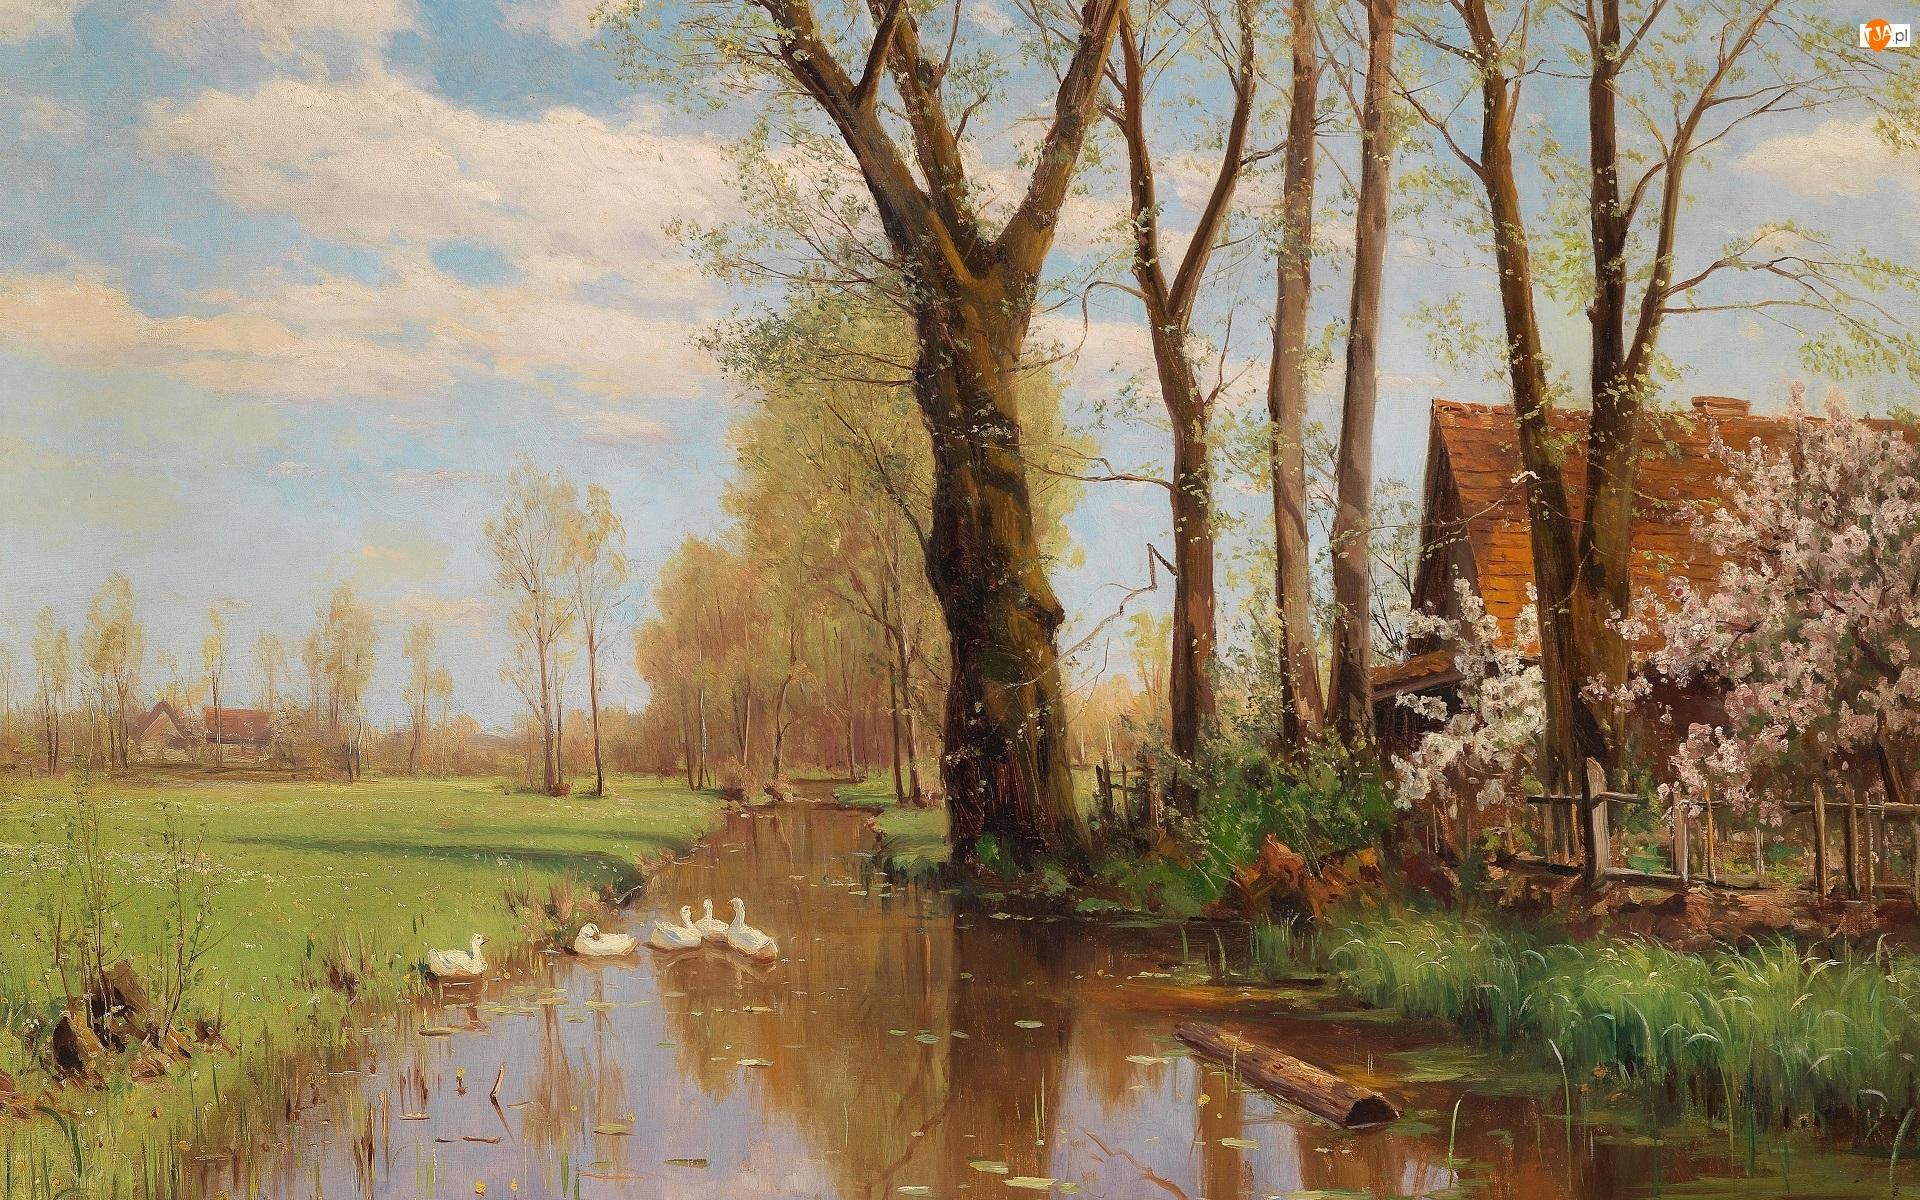 Obraz, Walter Moras, Drzewa, Malarstwo, Kaczki, Rzeka, Domy